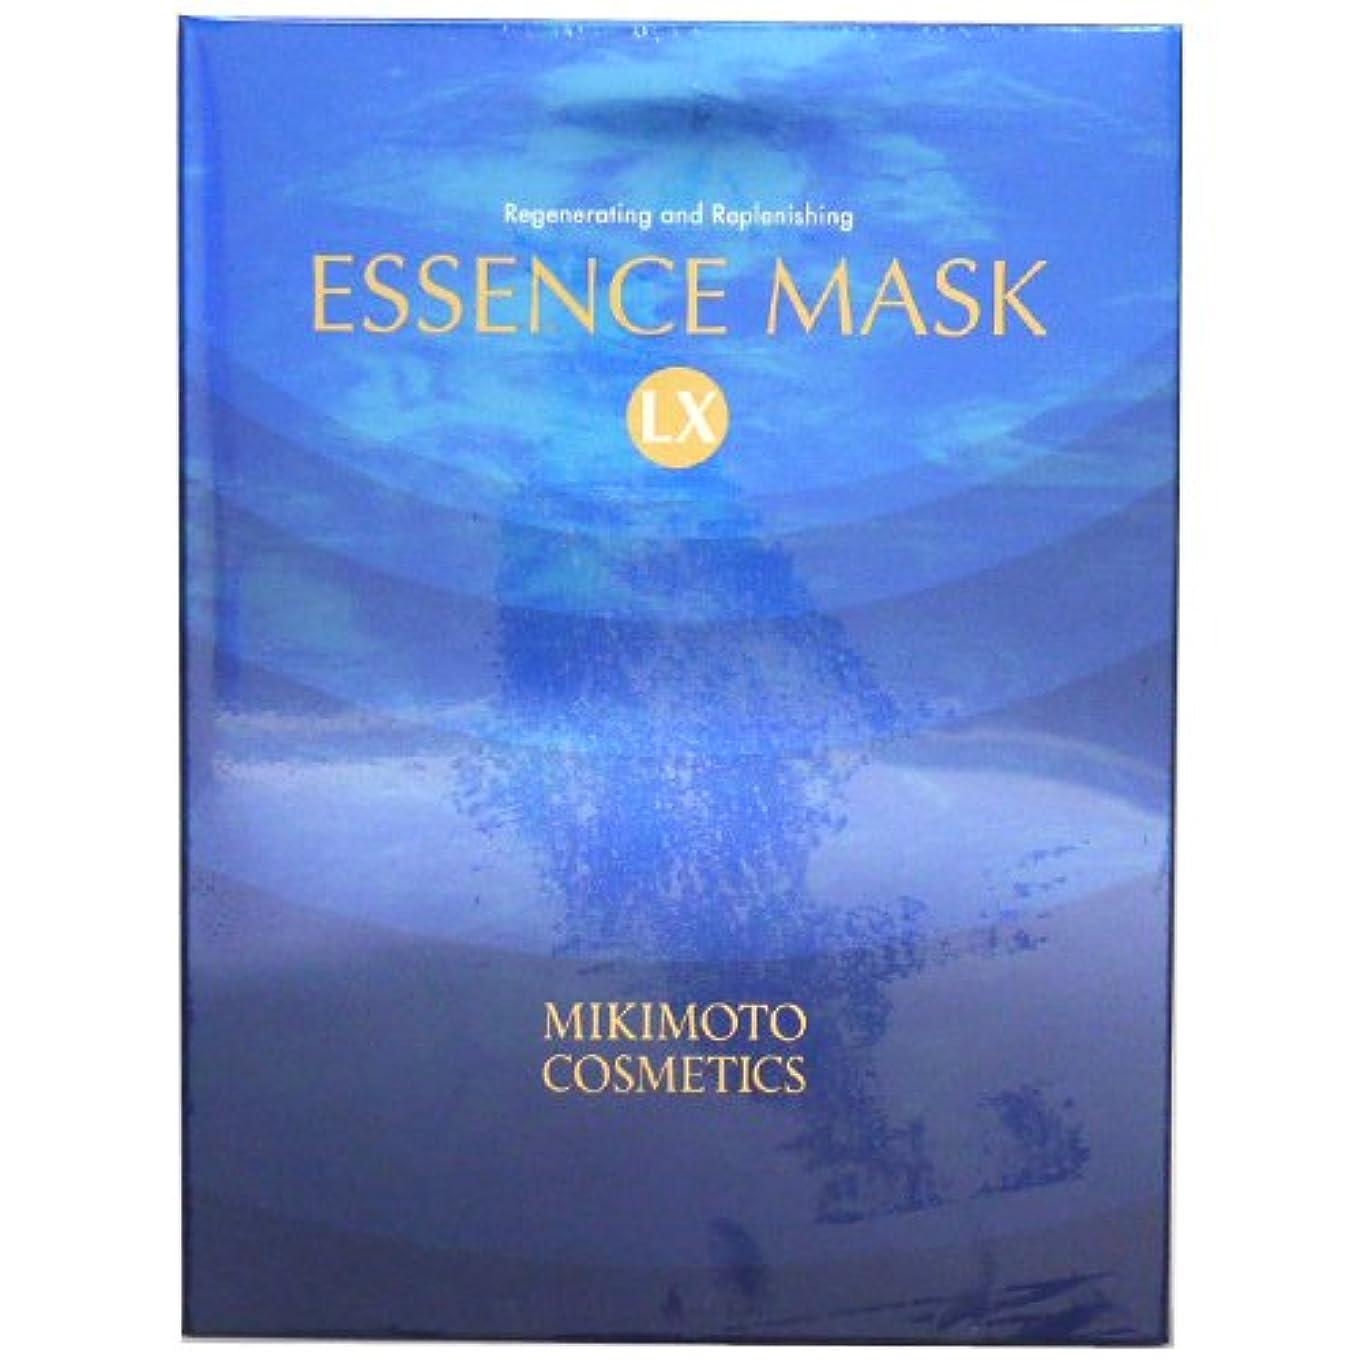 一節ギャラリーキャンベラミキモト化粧品 MIKIMOTO コスメティックス エッセンスマスクLX (シート状美容マスク) 【6枚入】